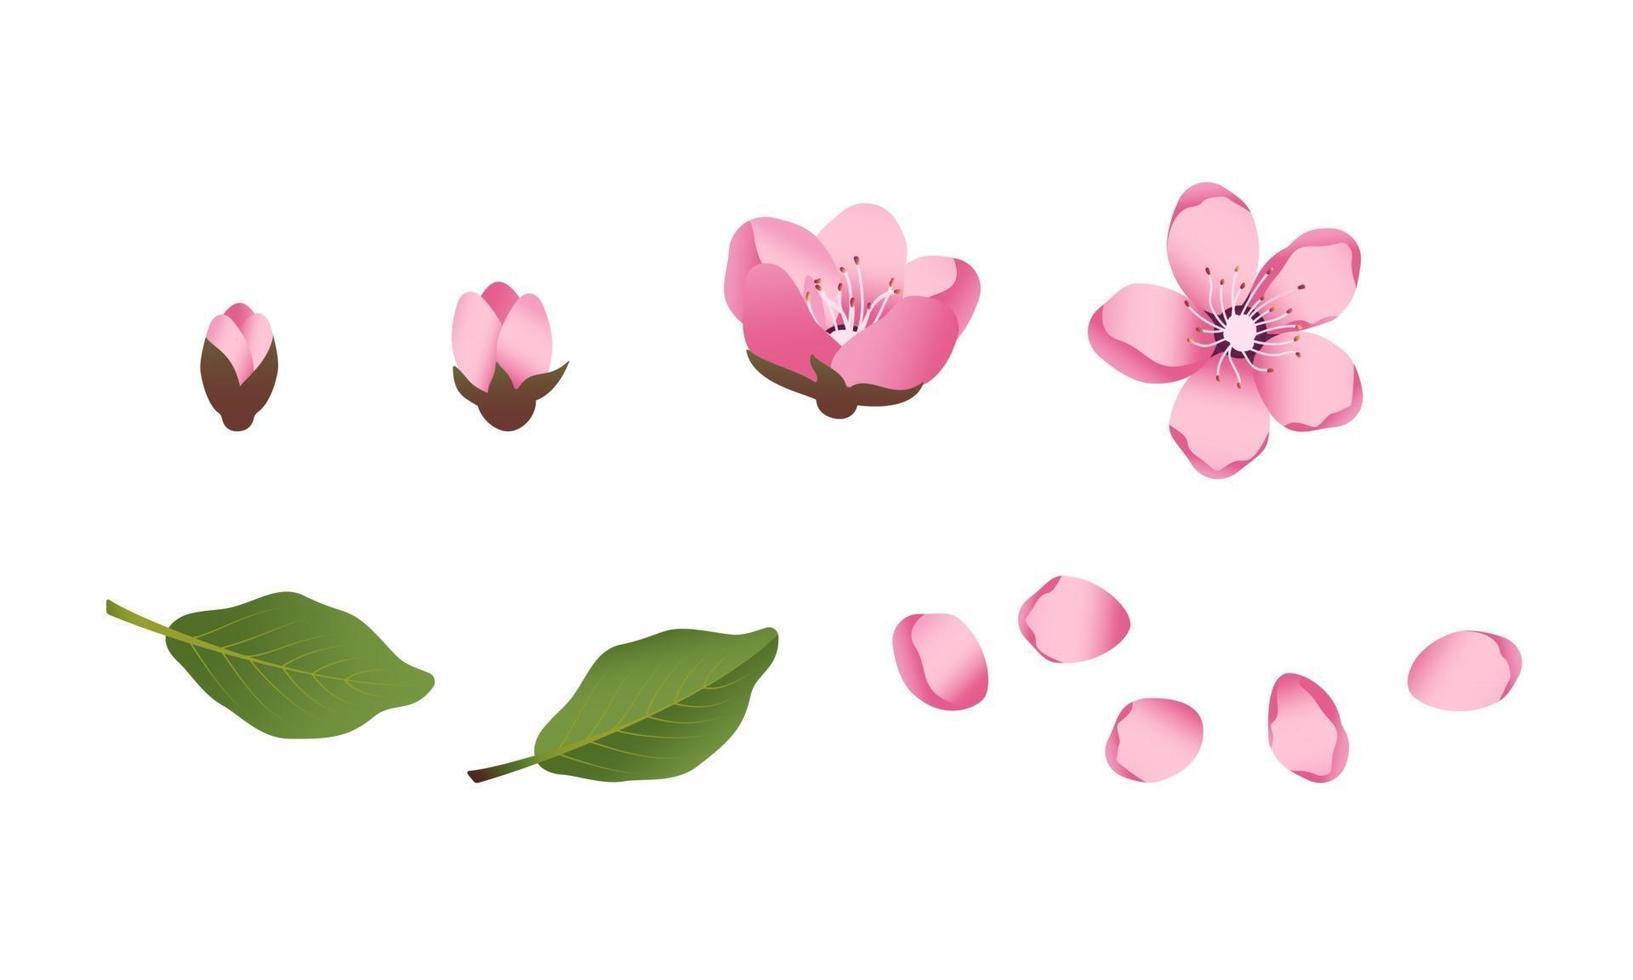 conjunto de ícones de flores de sakura fofas. a cereja floresceu vetor